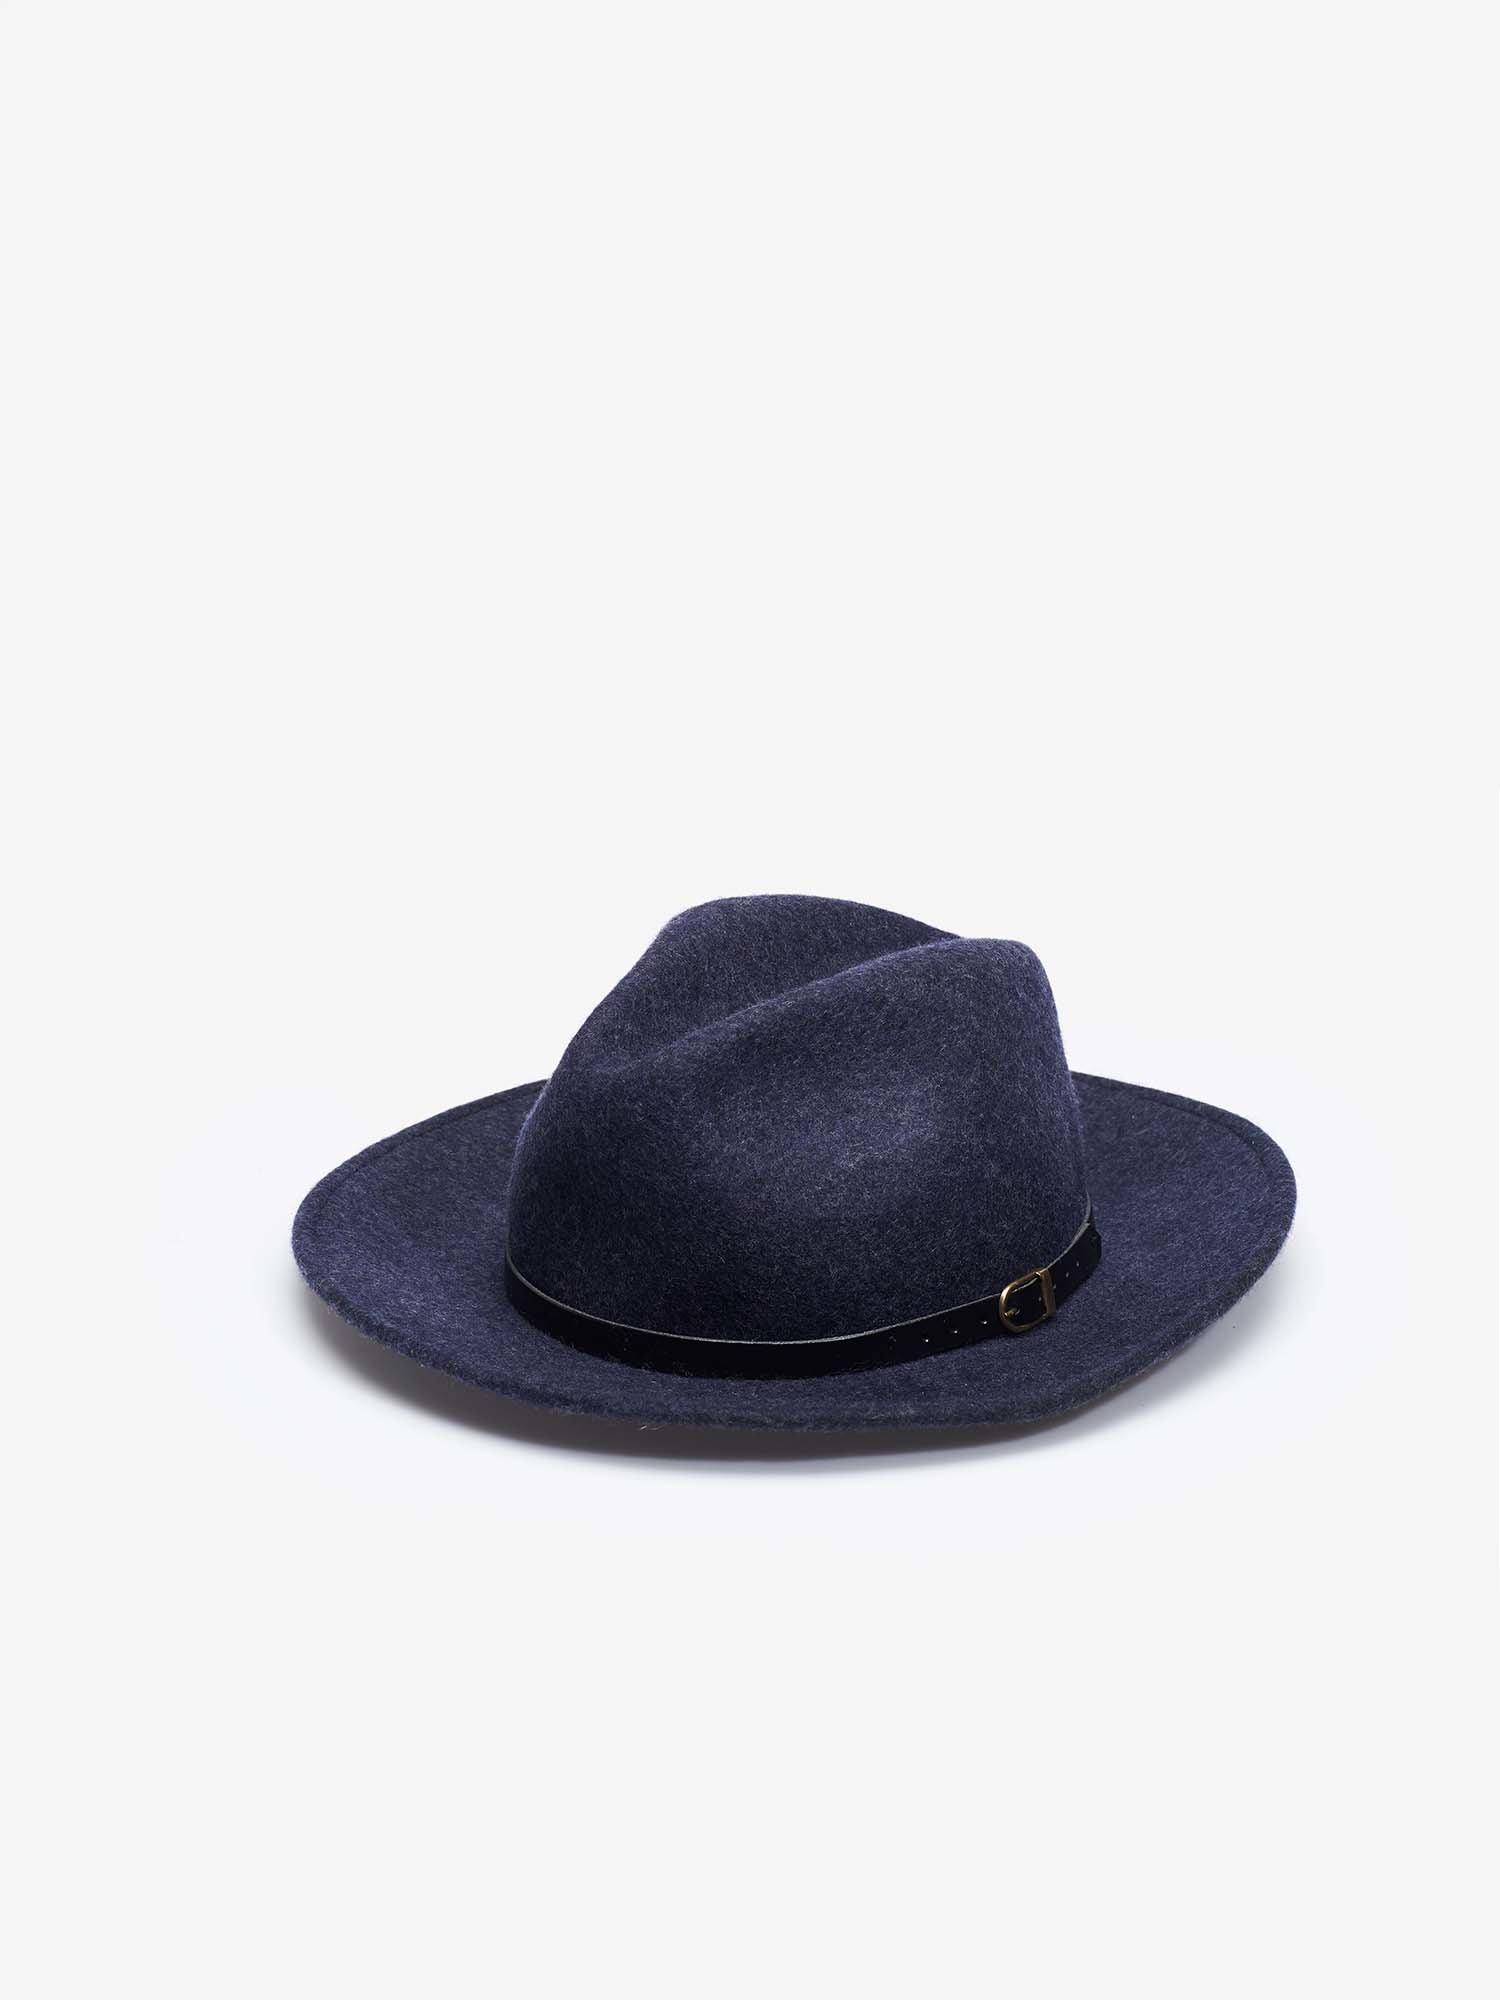 MELANGE FEDORA HAT - Blauer